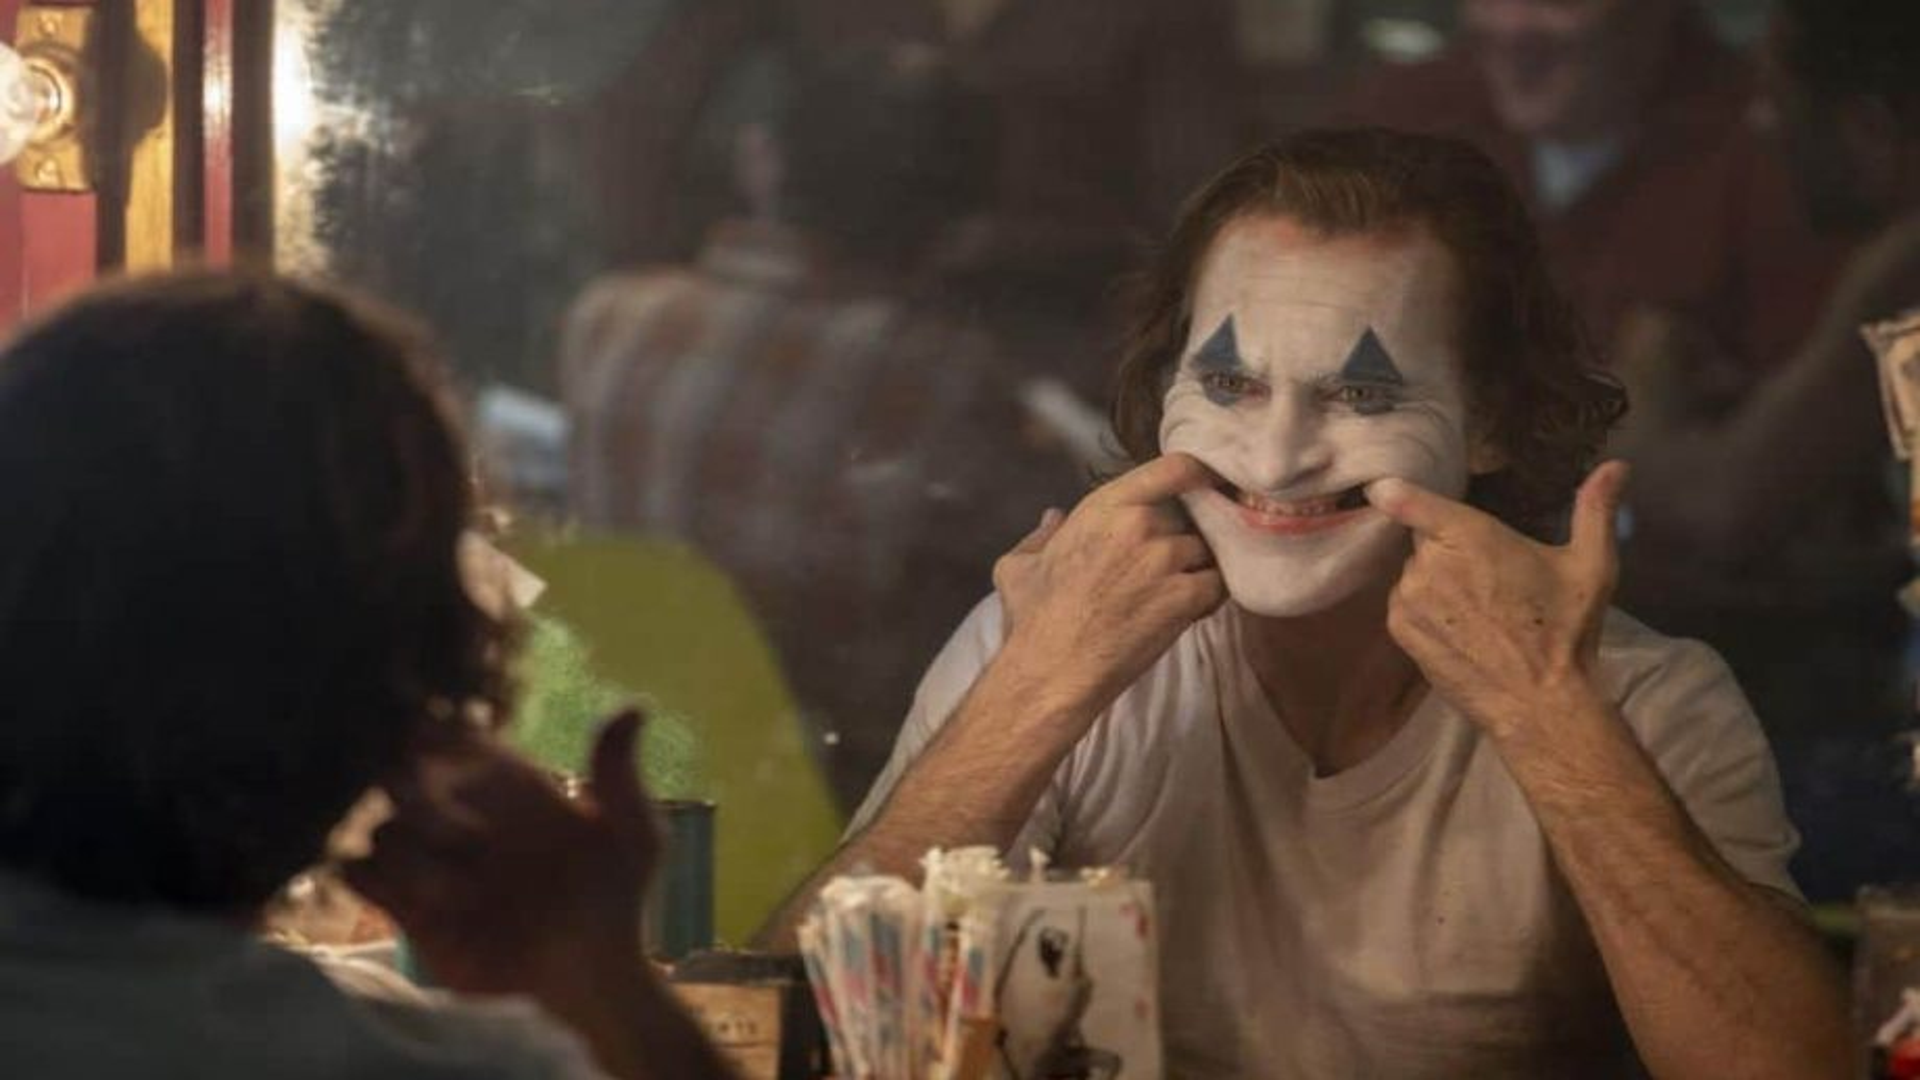 « Joker », film extrême